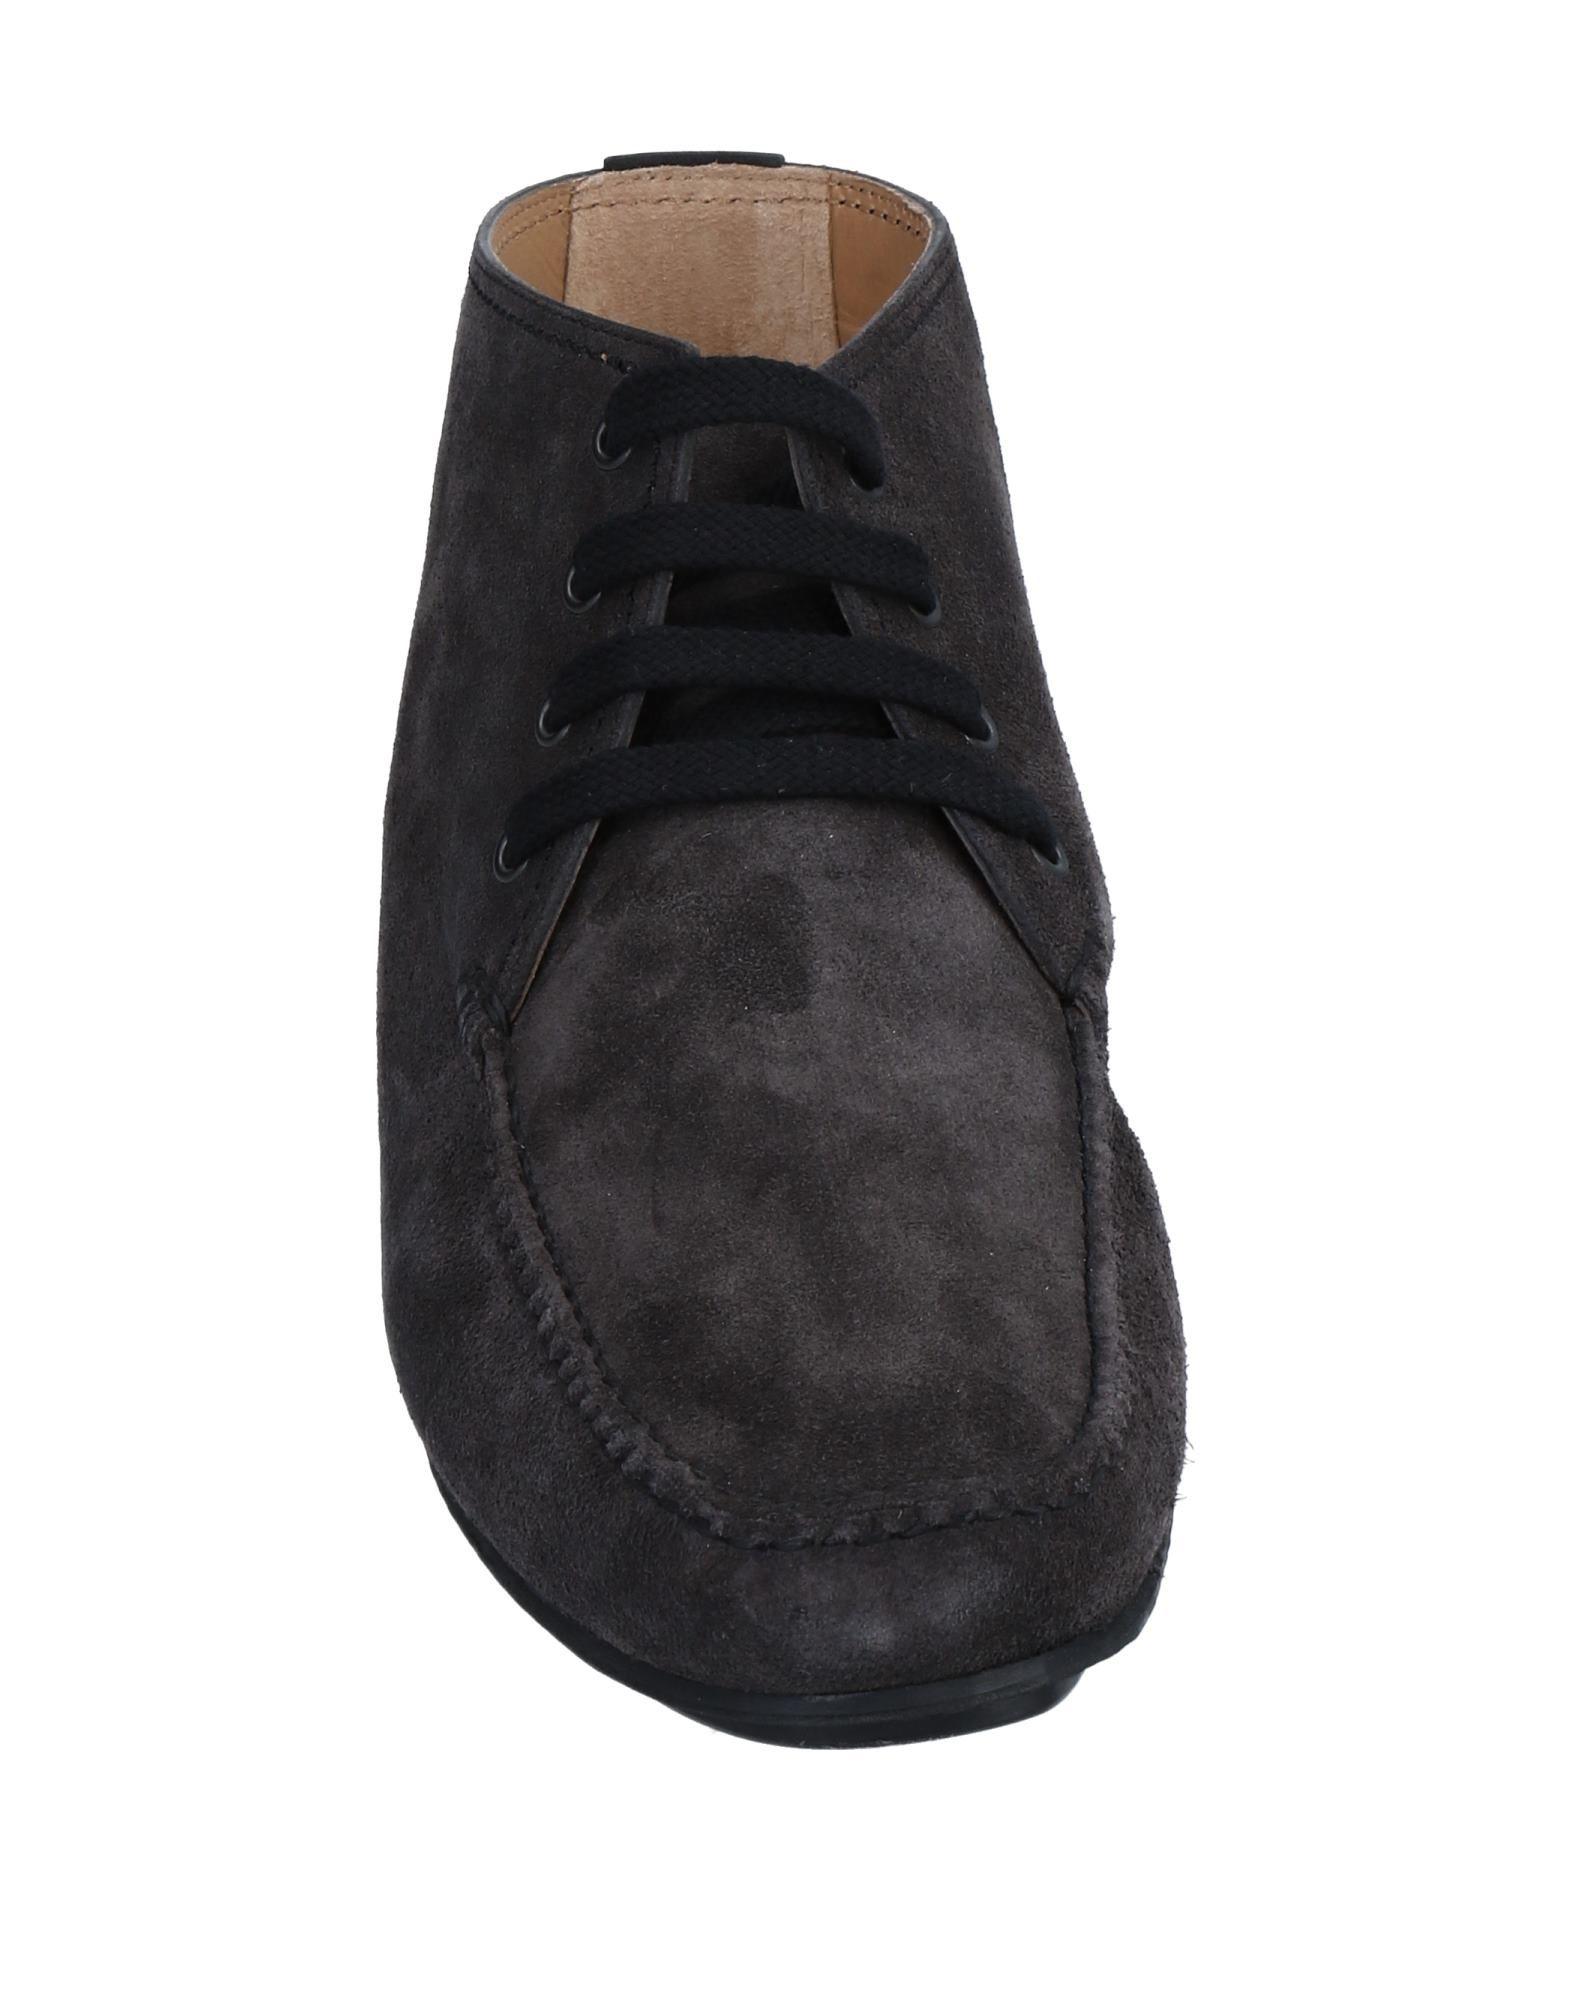 Arfango Stiefelette Herren  11525094SH Schuhe Gute Qualität beliebte Schuhe 11525094SH 2e957a